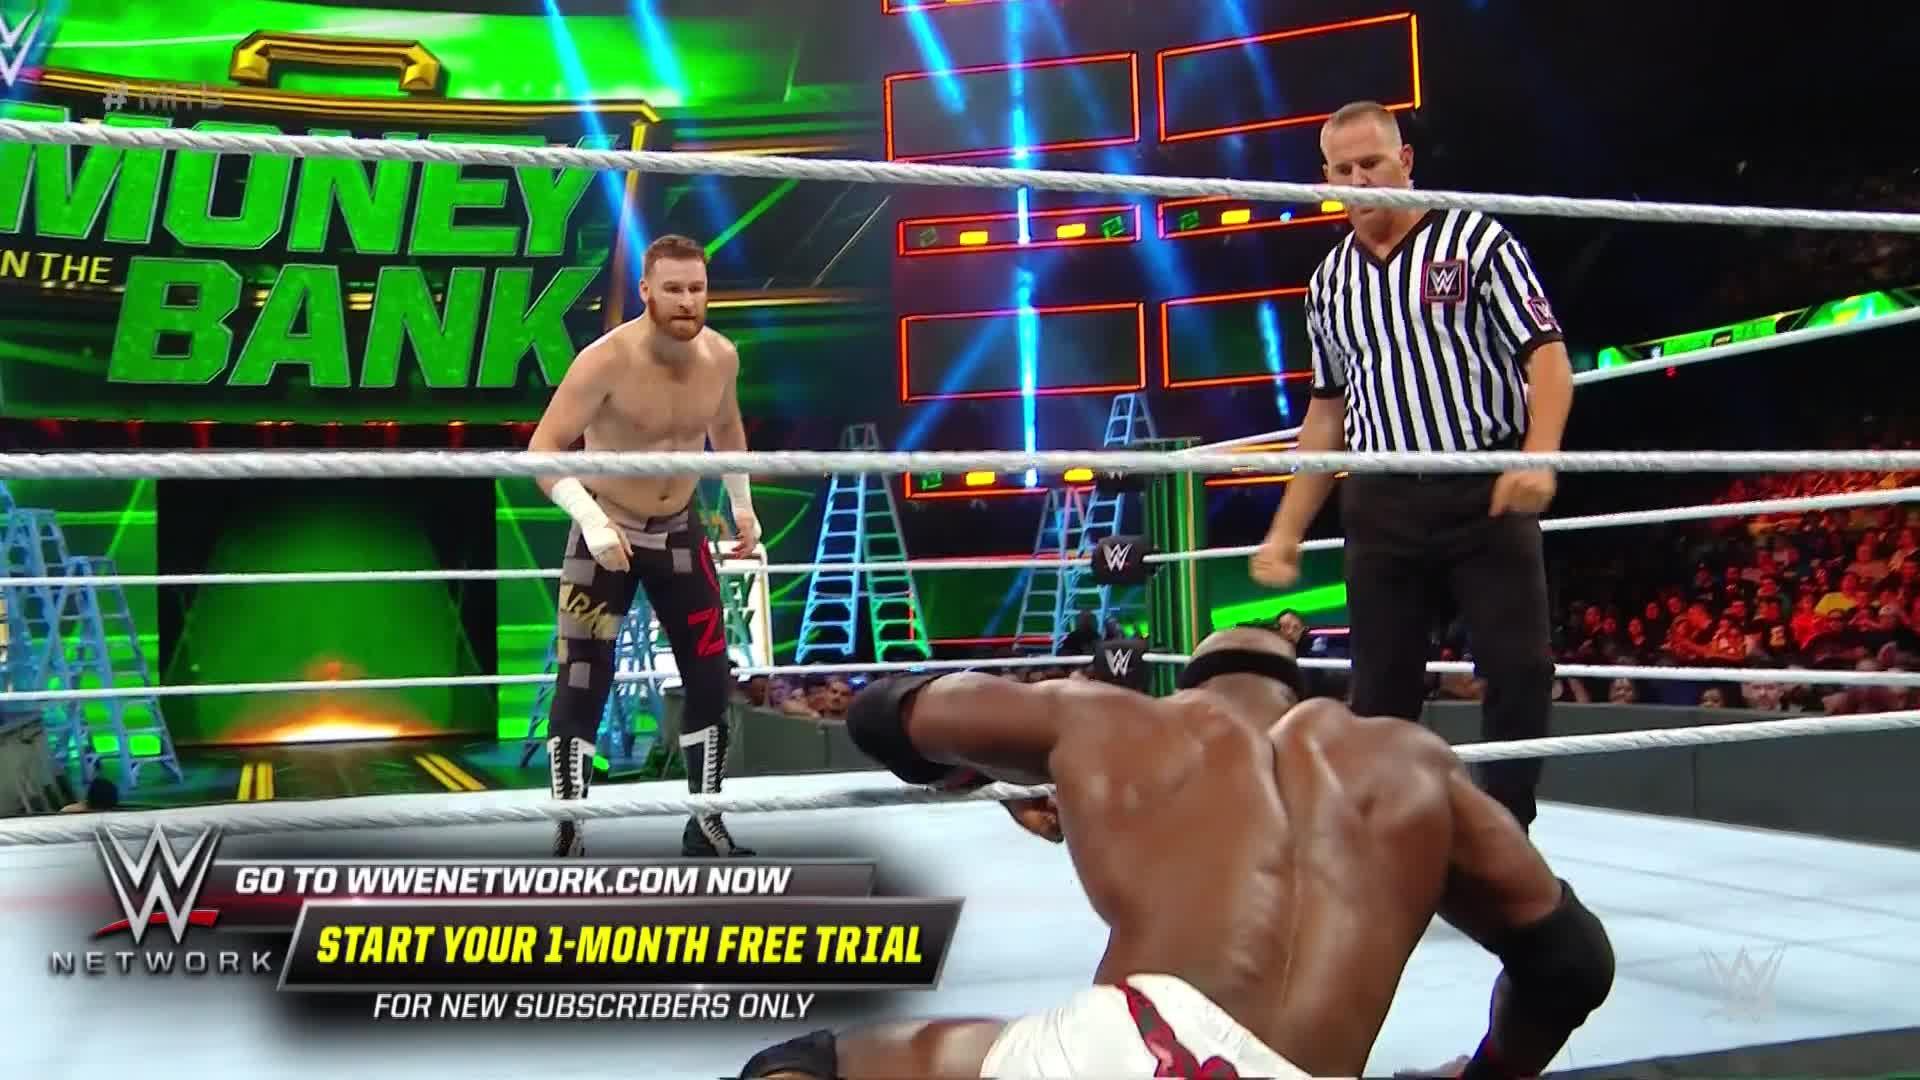 Bobby Lashley vs. Sami Zayn: WWE Money in the Bank 2018